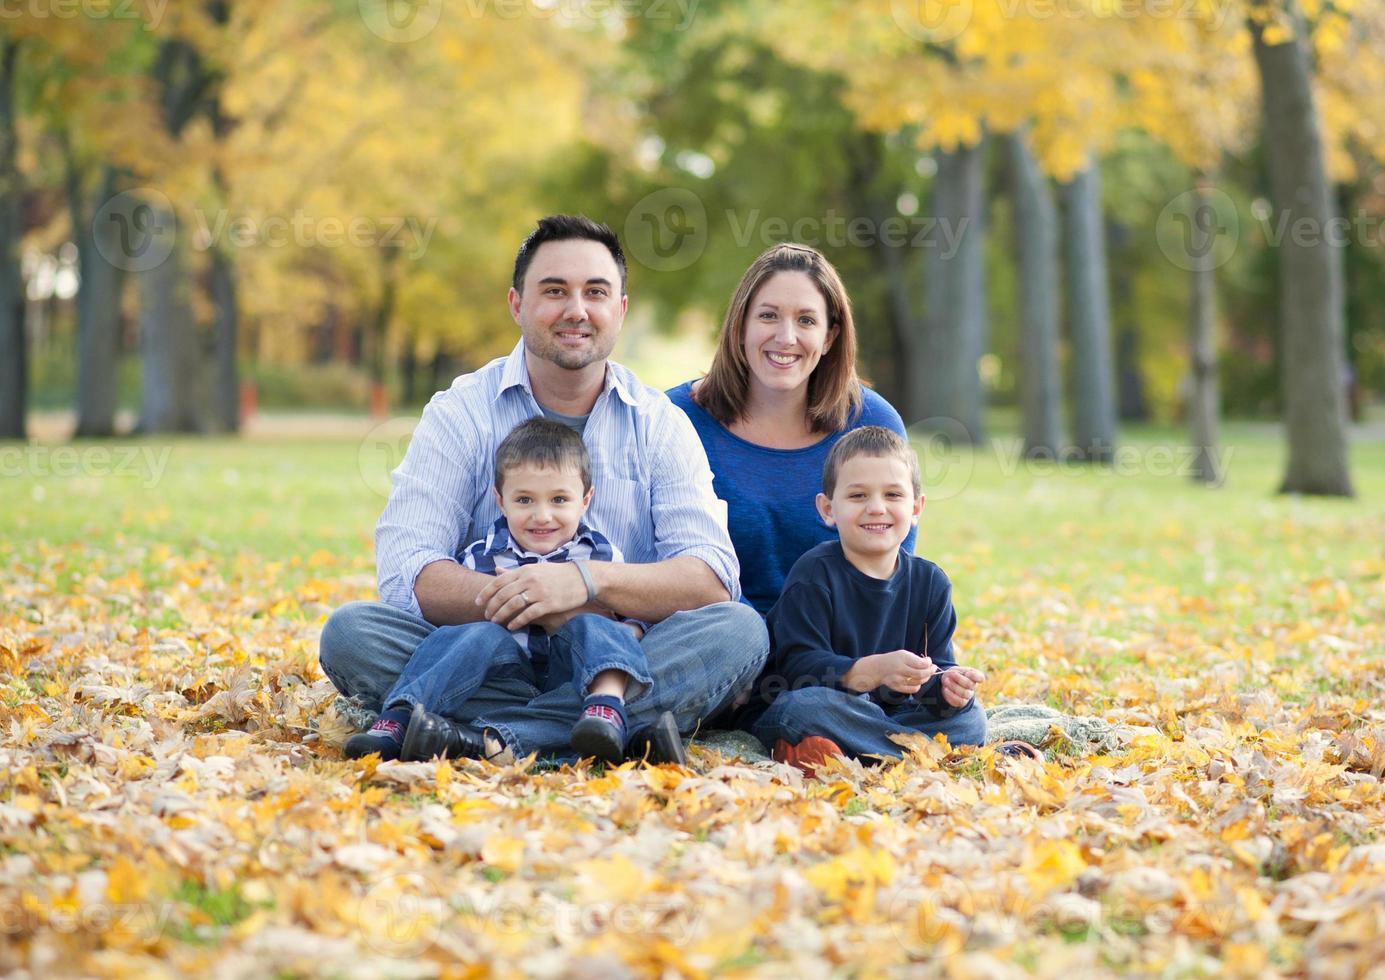 coppia con due bambini piccoli foto